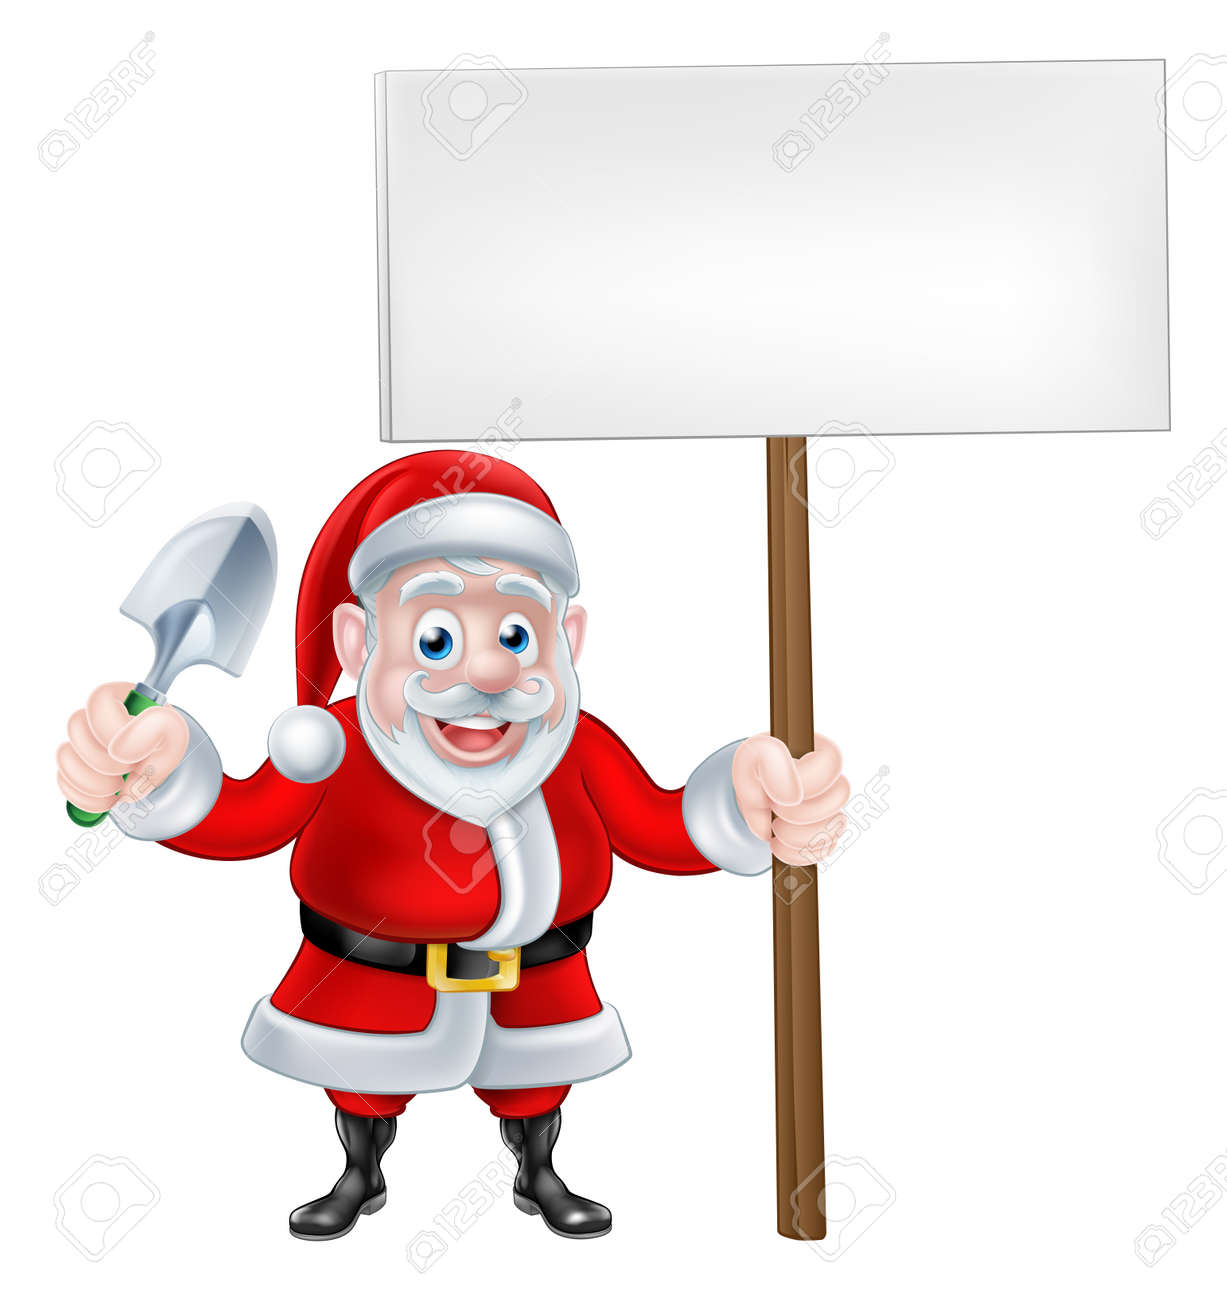 Ein Weihnachts-Karikatur Von Santa Claus Eine Kelle Spaten Und ...